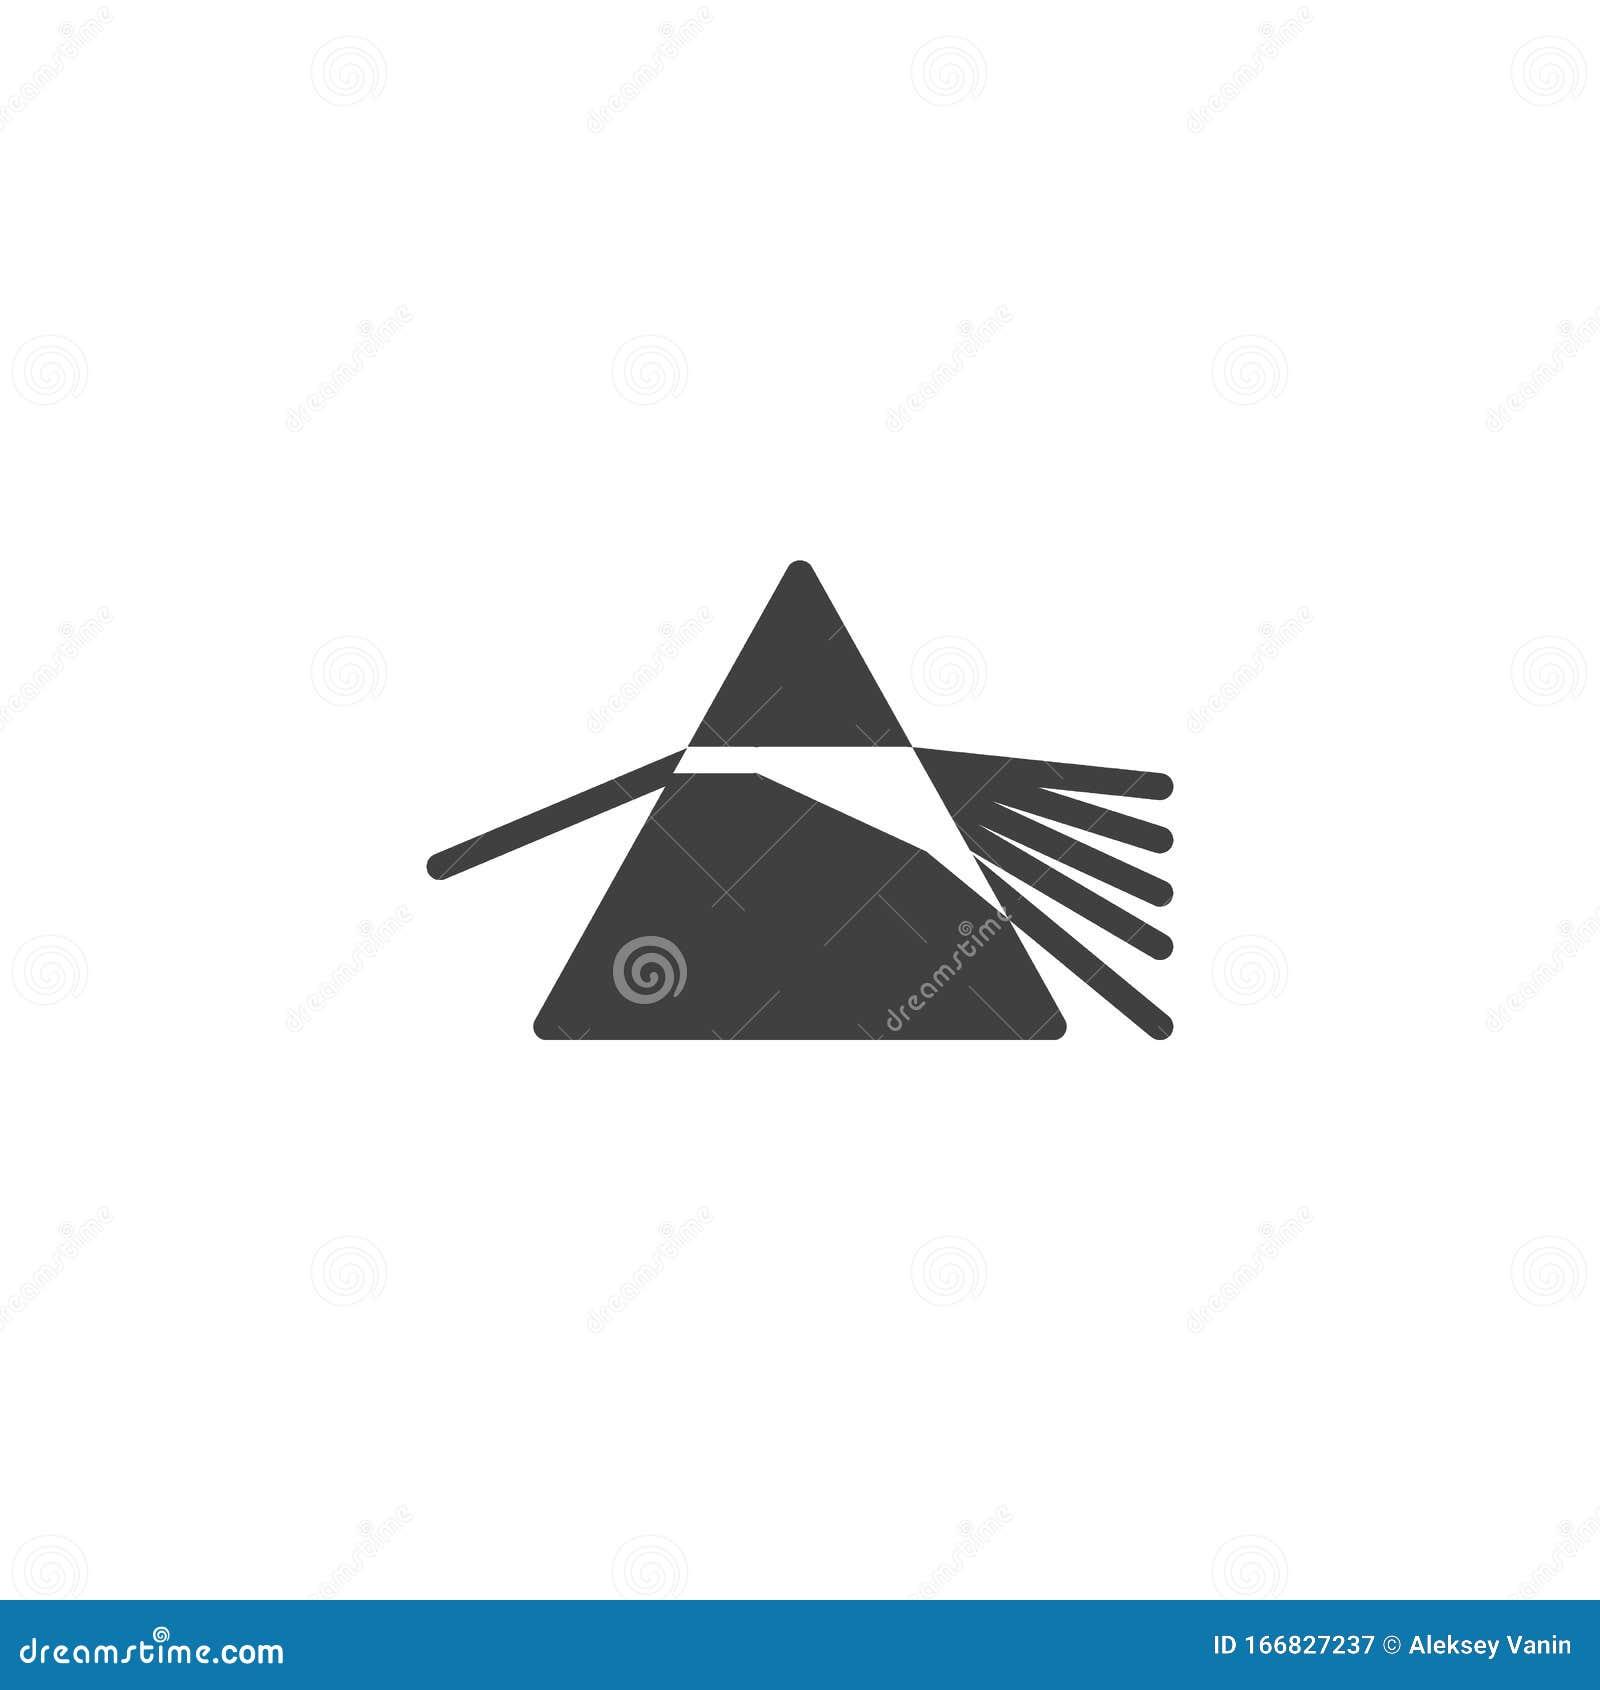 simbol prismă câștiguri reale pe exemple de Internet